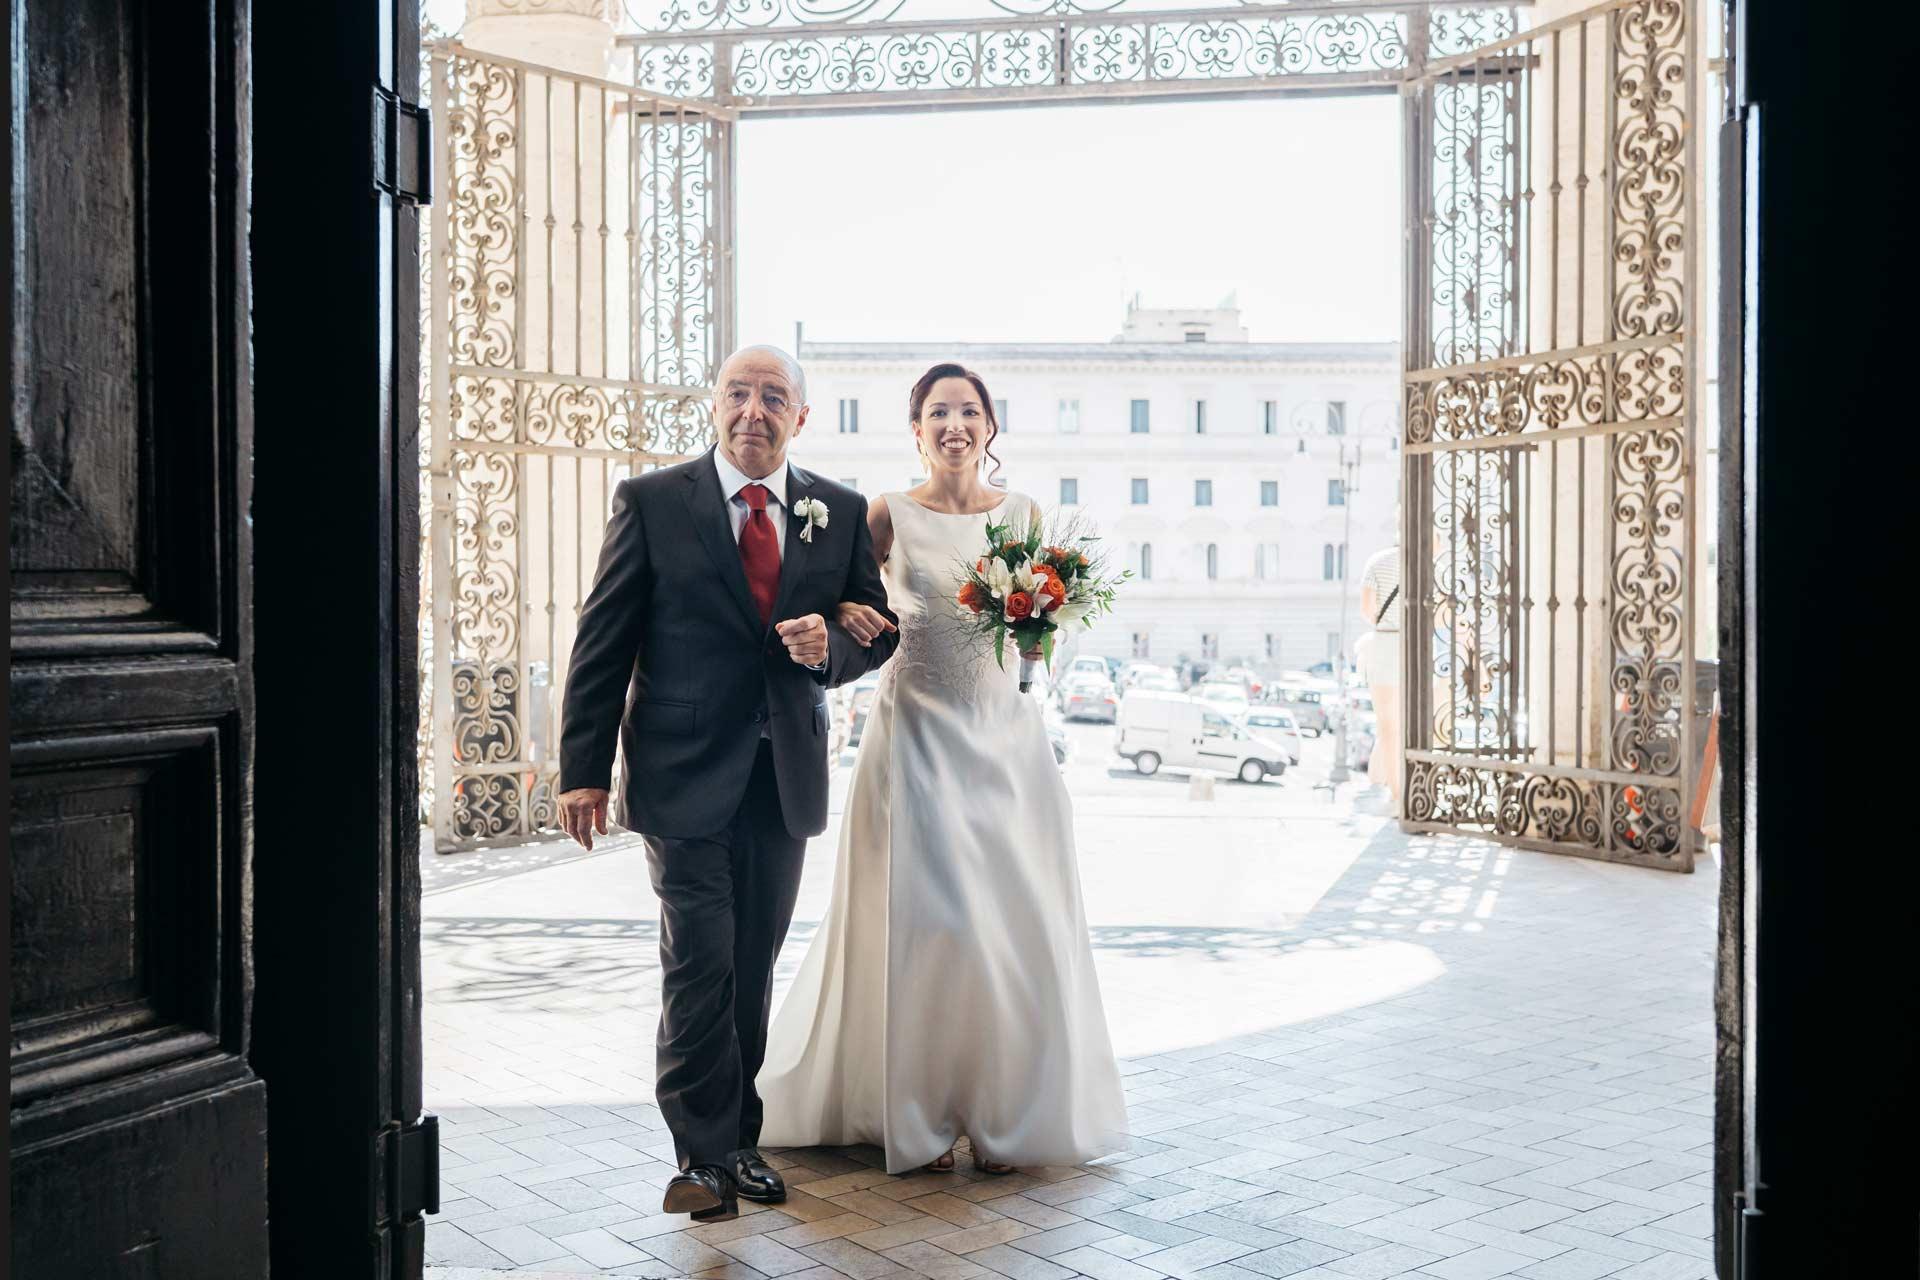 fotoreportage-di-matrimonio-6-C&M